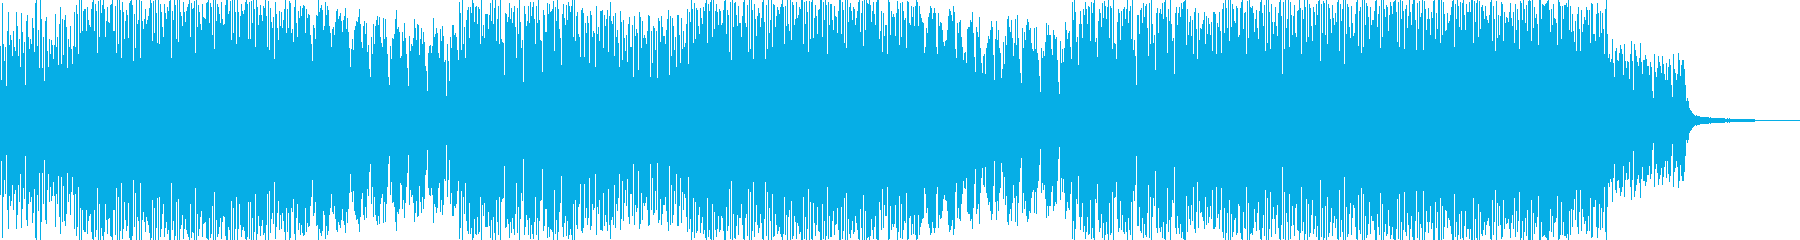 月の光に導かれてみたいな曲(テクノ系)の再生済みの波形